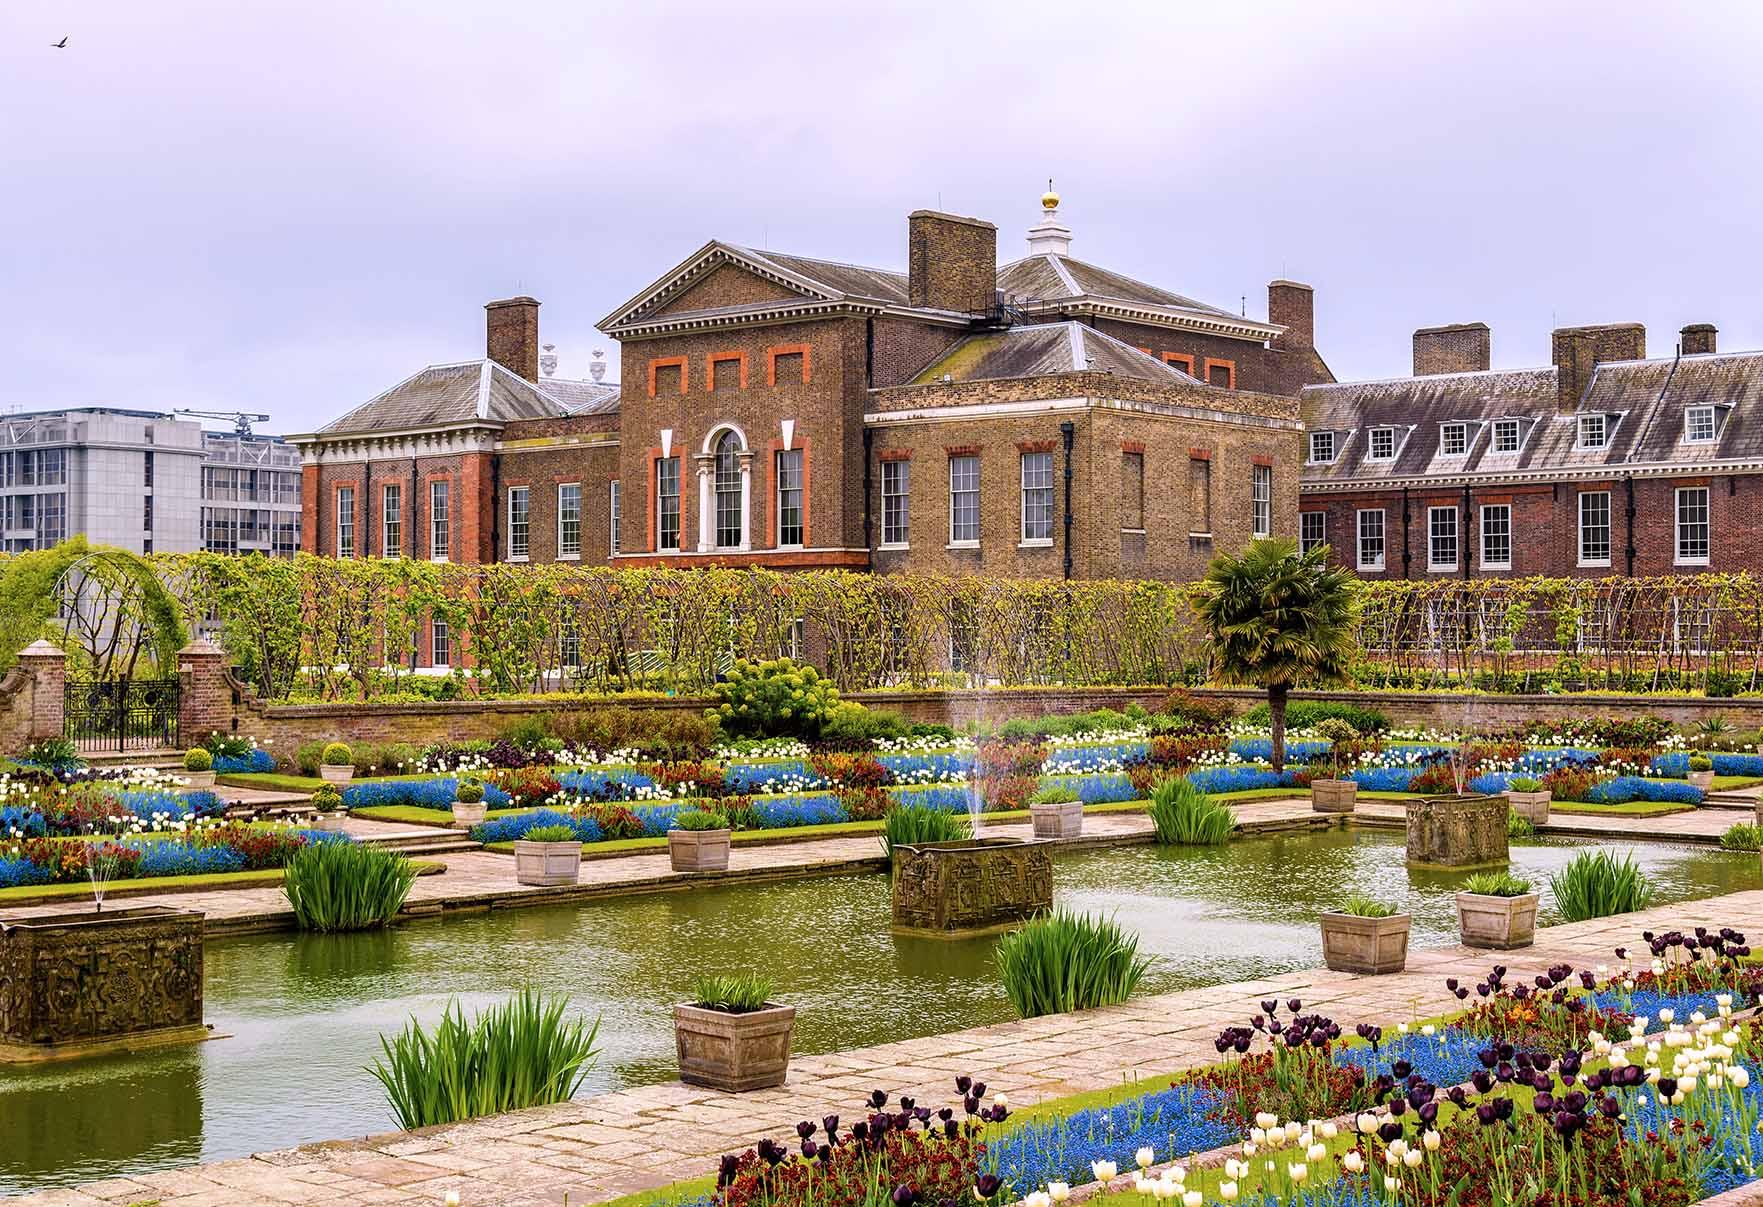 Jardines del Palacio de Kensington en Londres